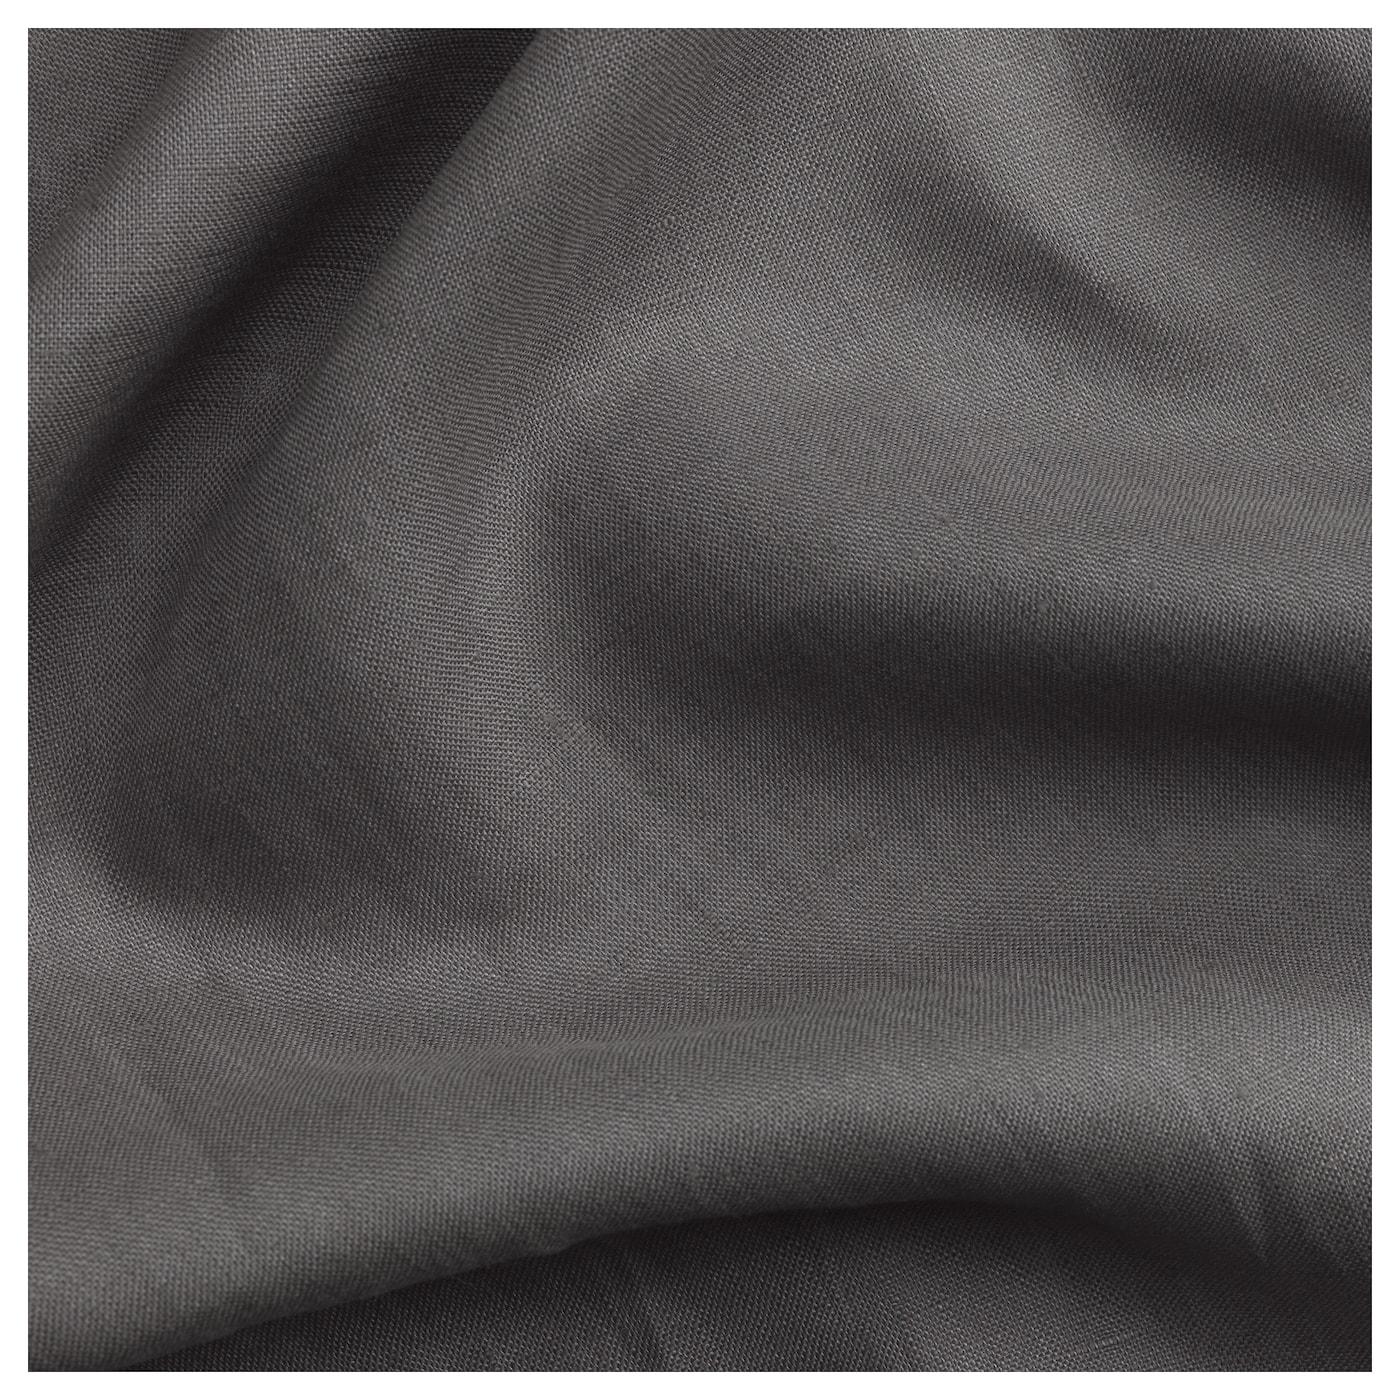 AINA 2 Gardinenschals dunkelgrau 300 cm 145 cm 2.00 kg 4.35 m² 2 Stück